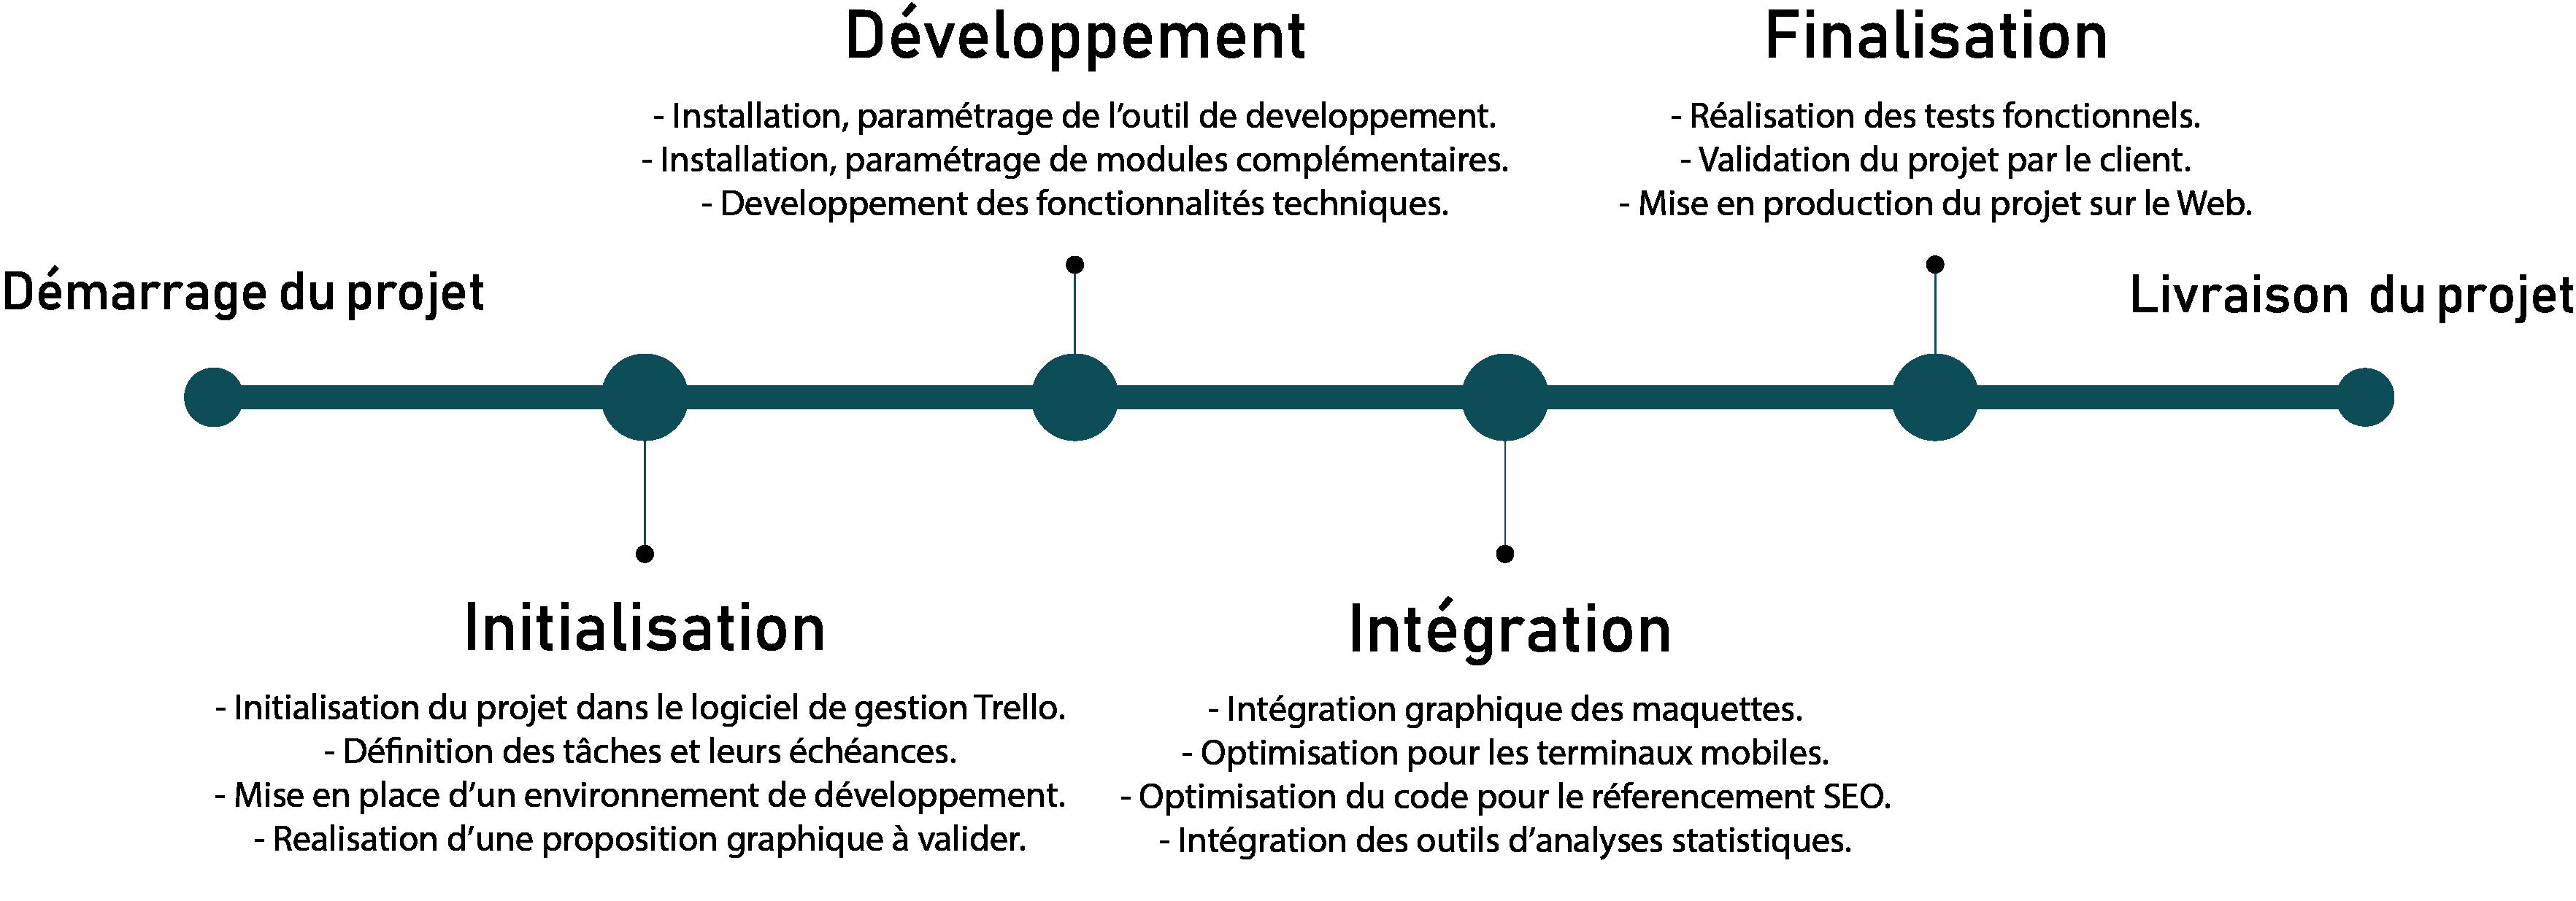 Méthodologie de création de votre projet web | Netme, vous propulser sur internet